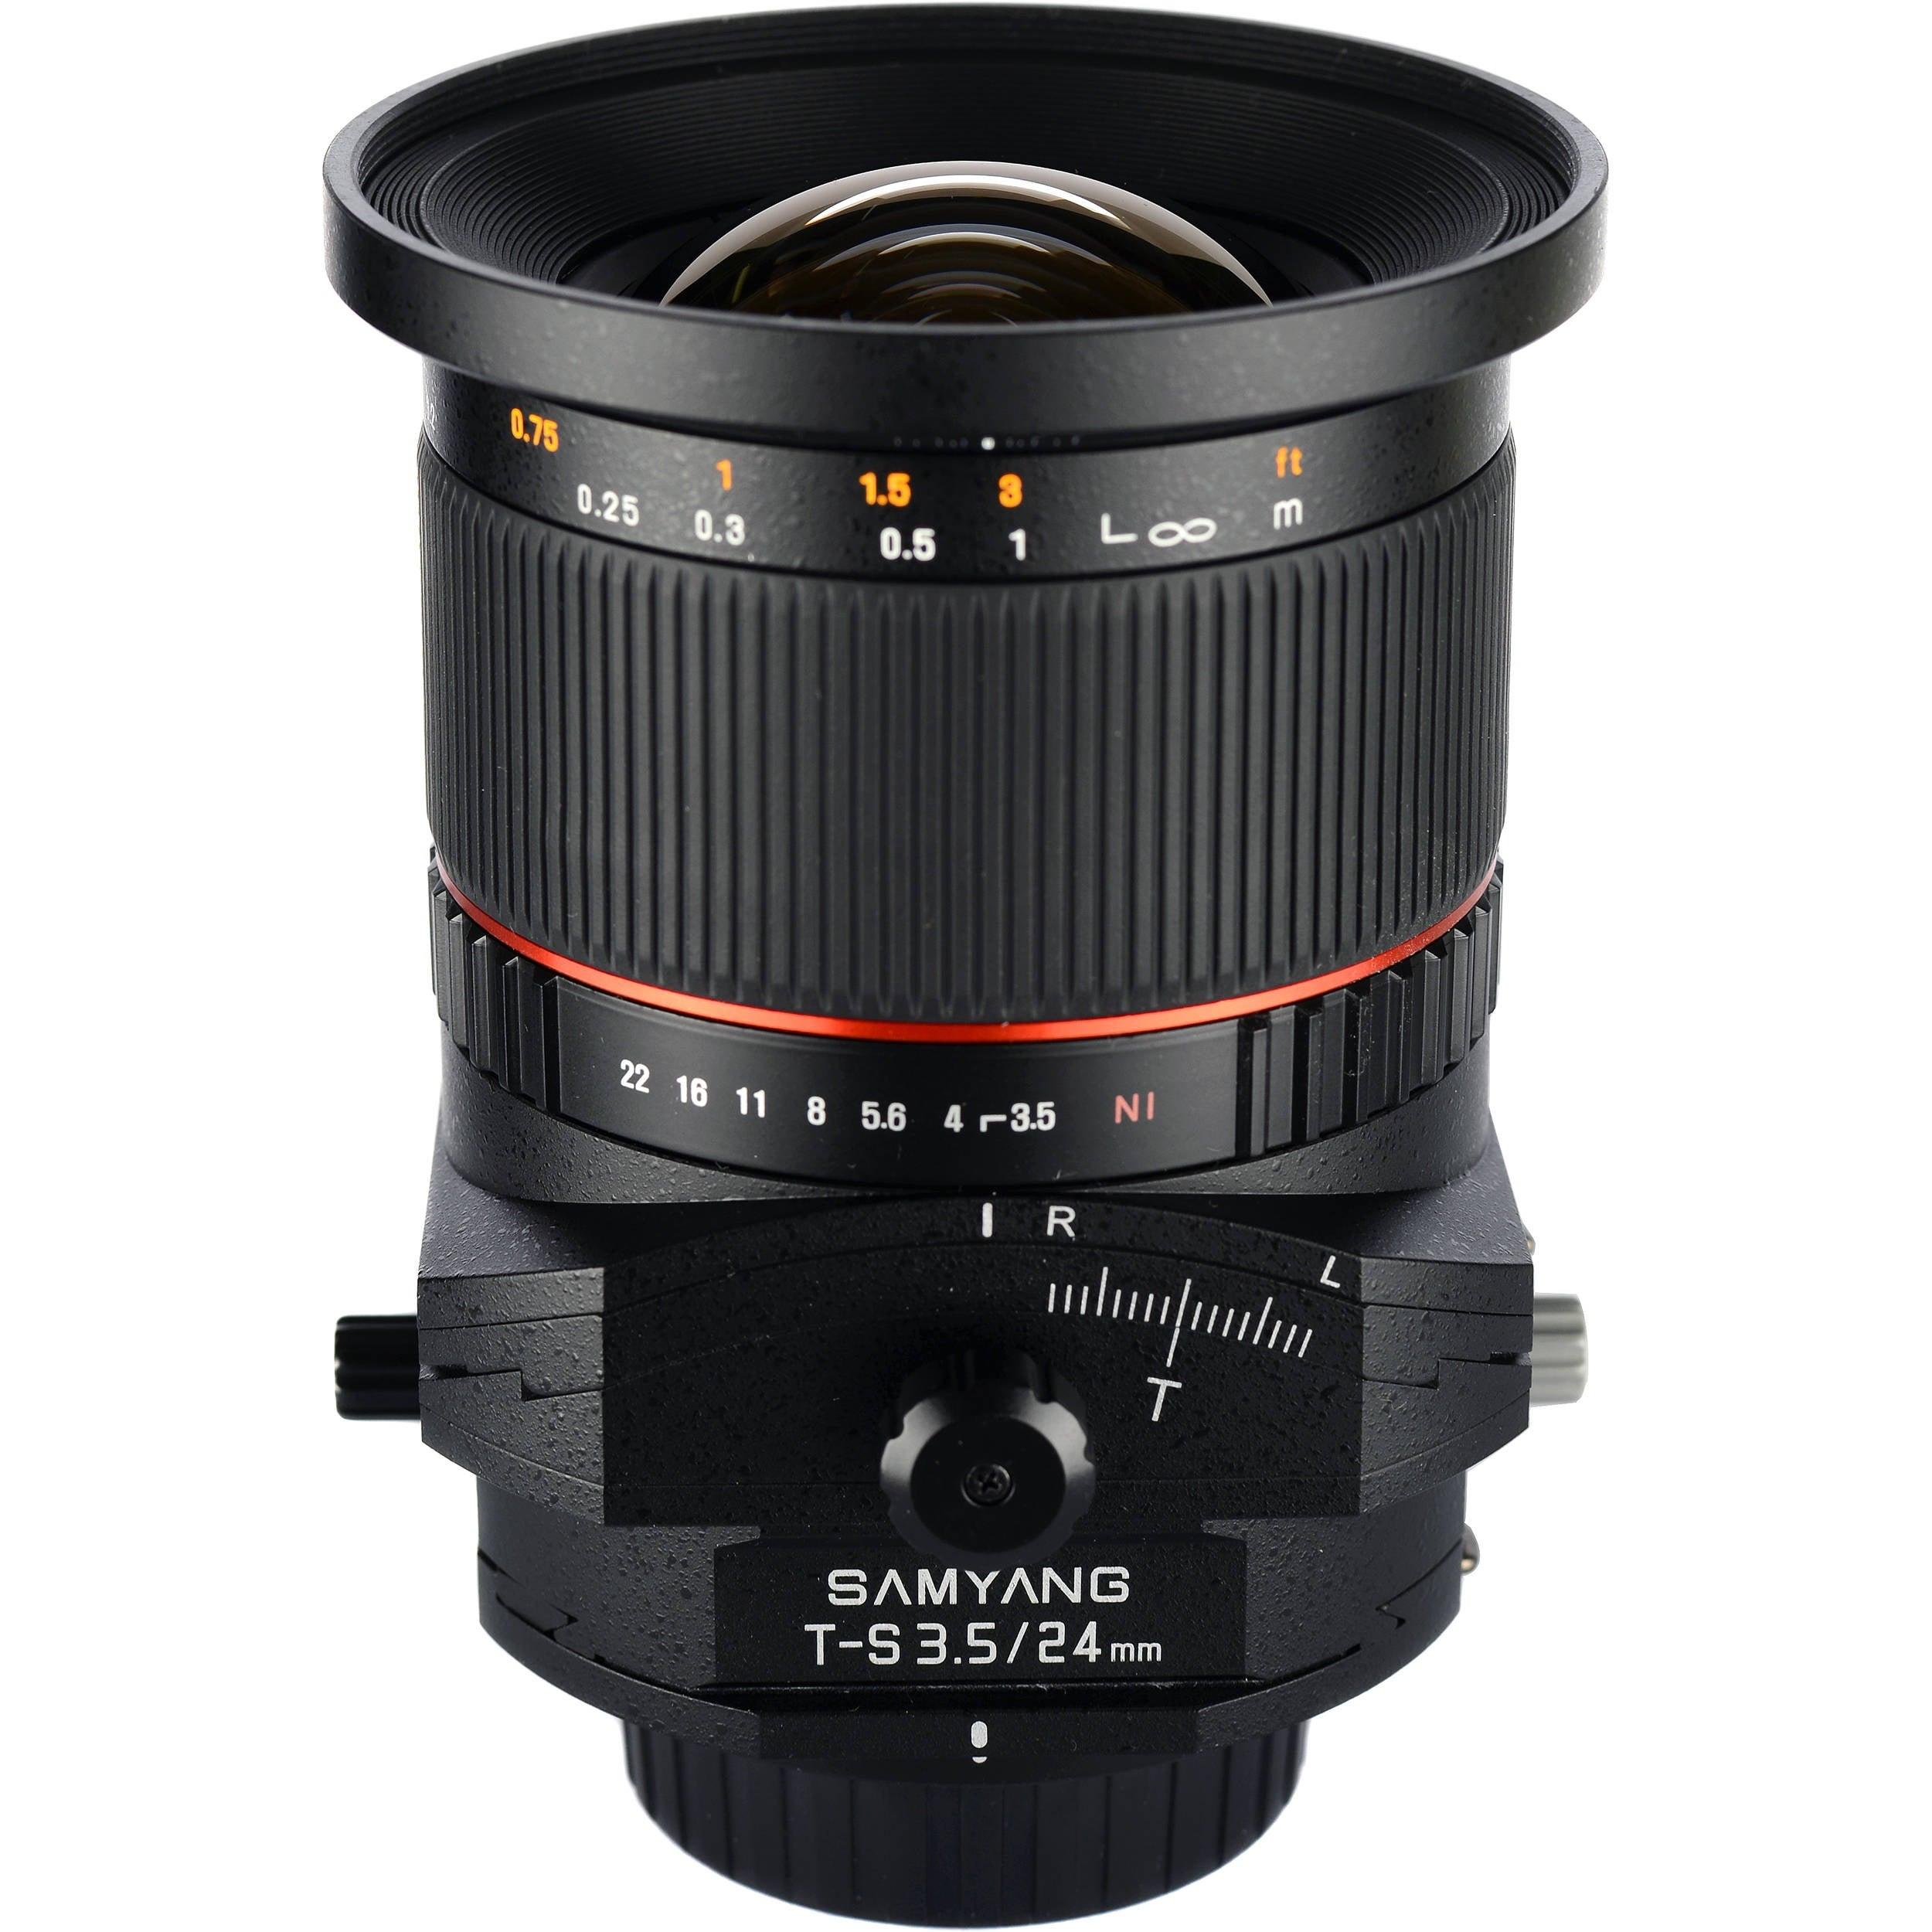 Samyang T-S 24mm F3.5 ED AS UMC Lens